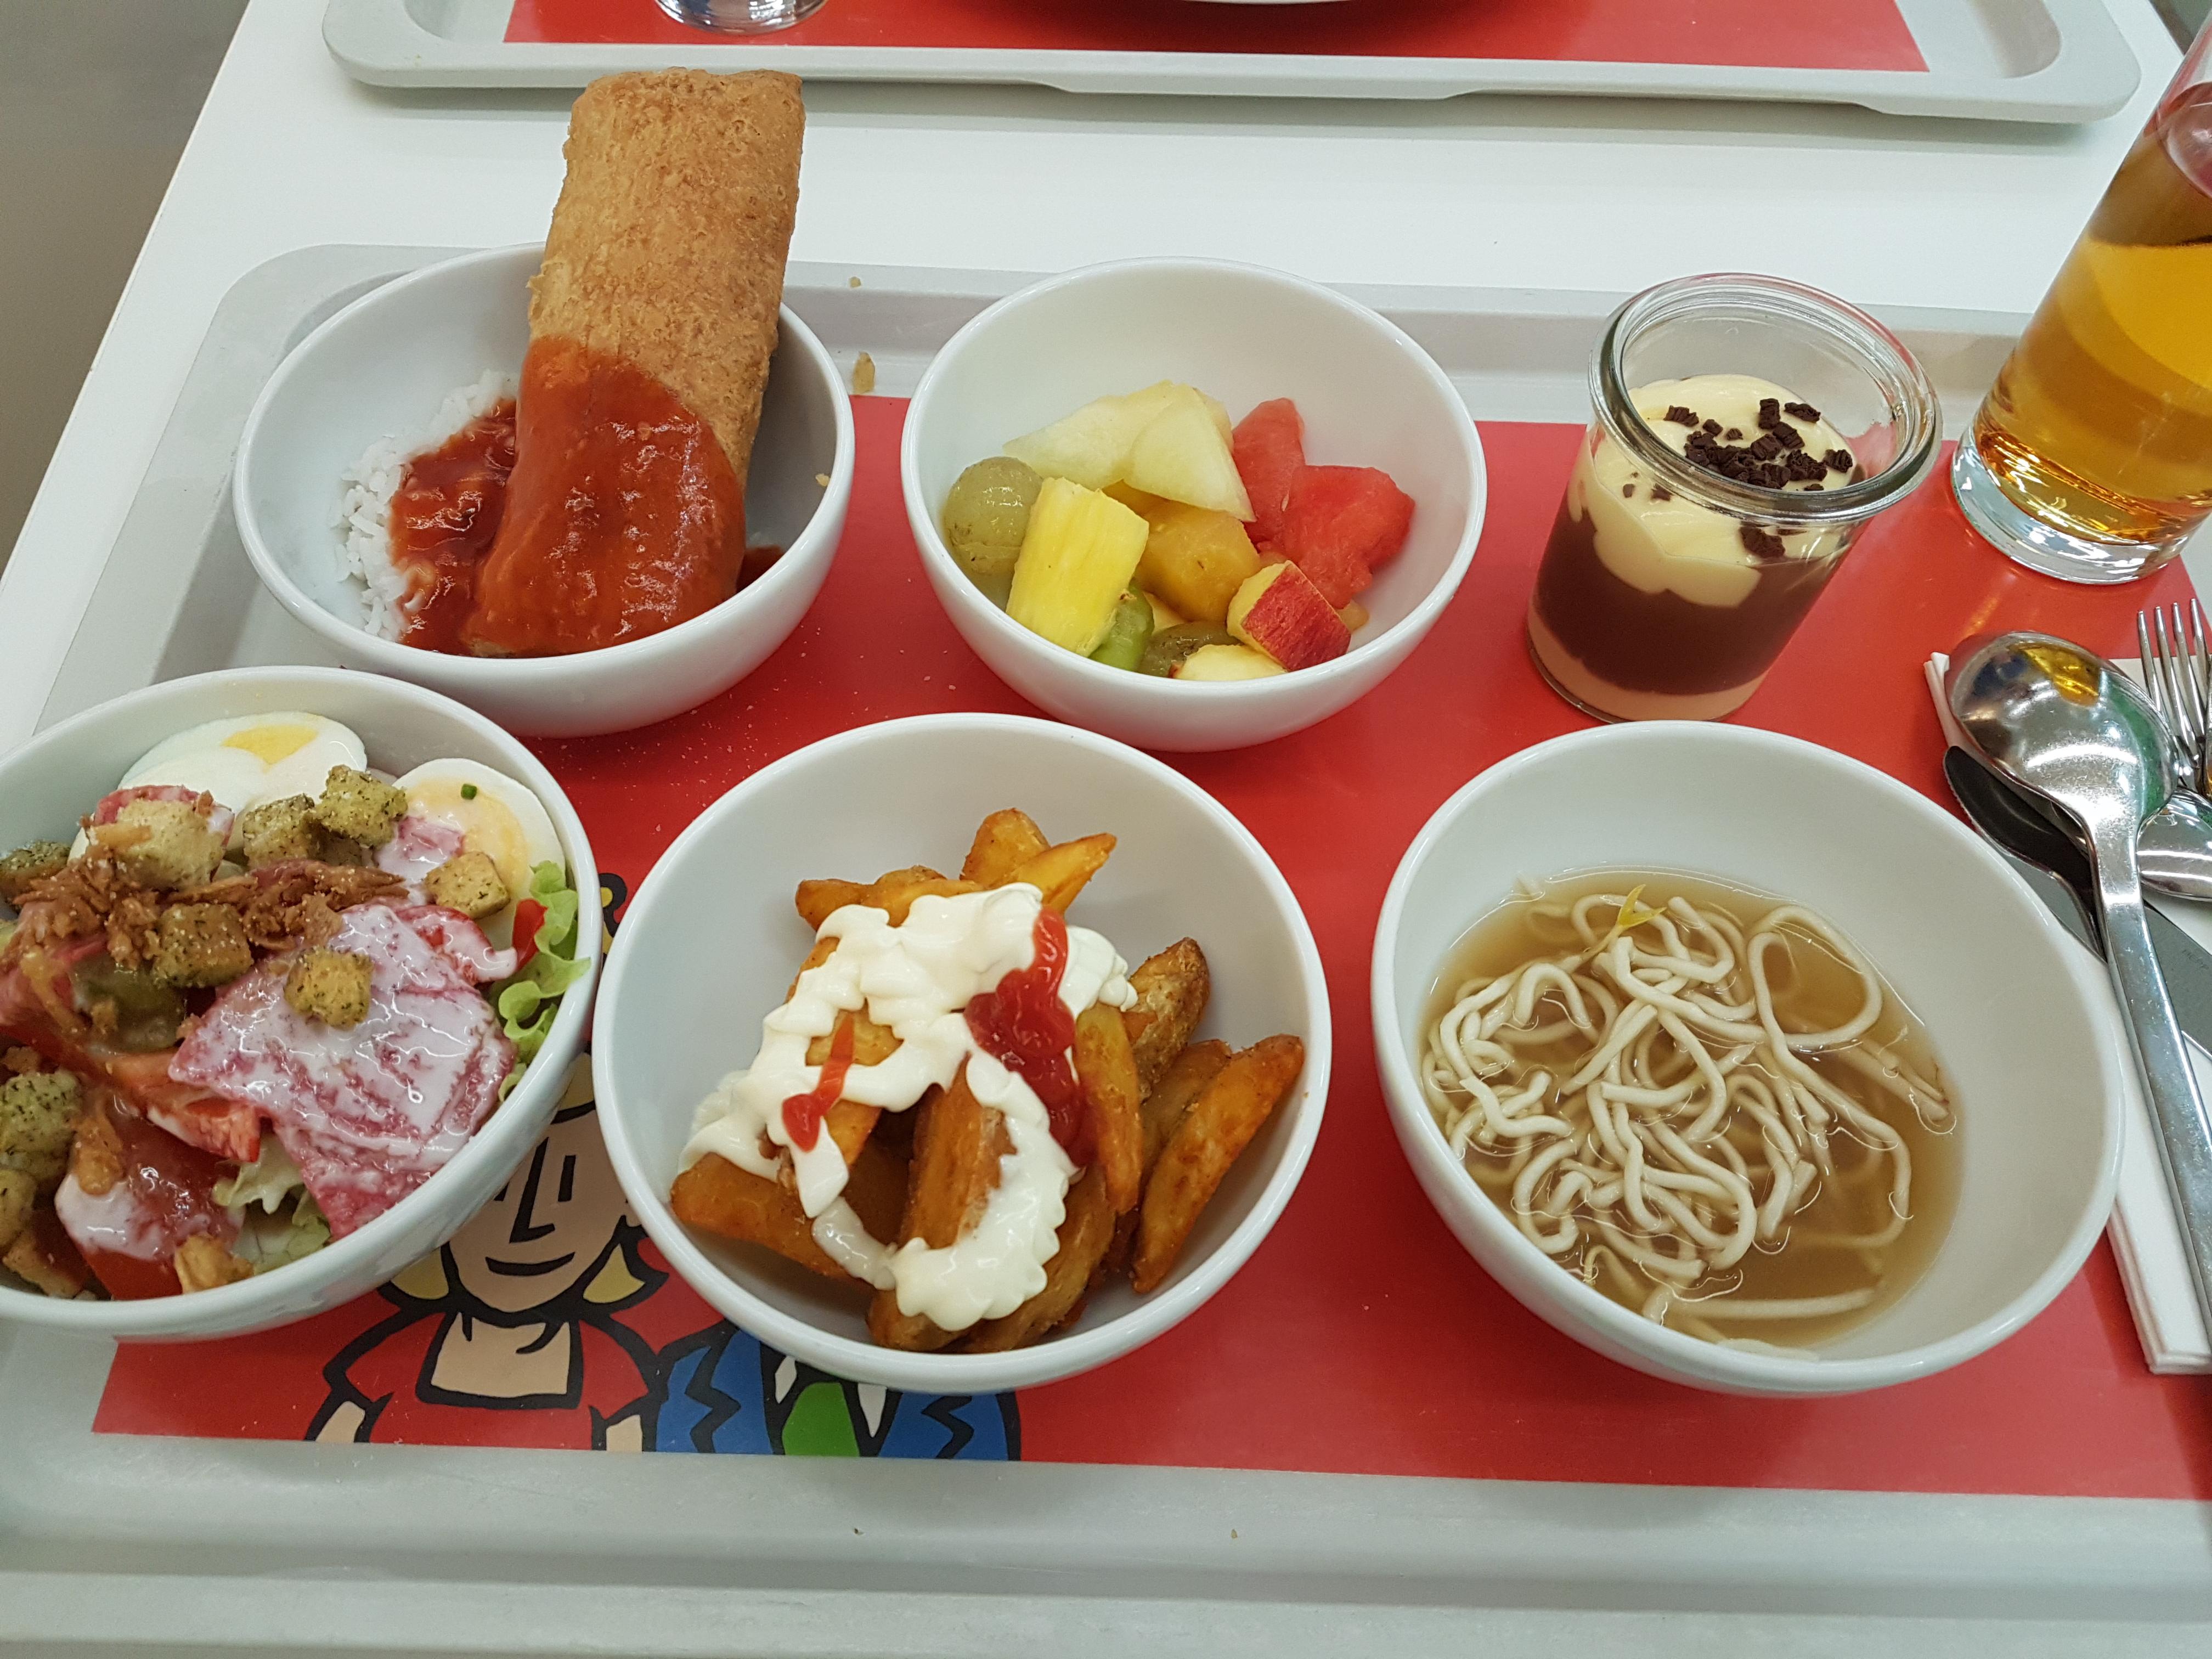 https://foodloader.net/Holz_2018-12-06_Mix.jpg